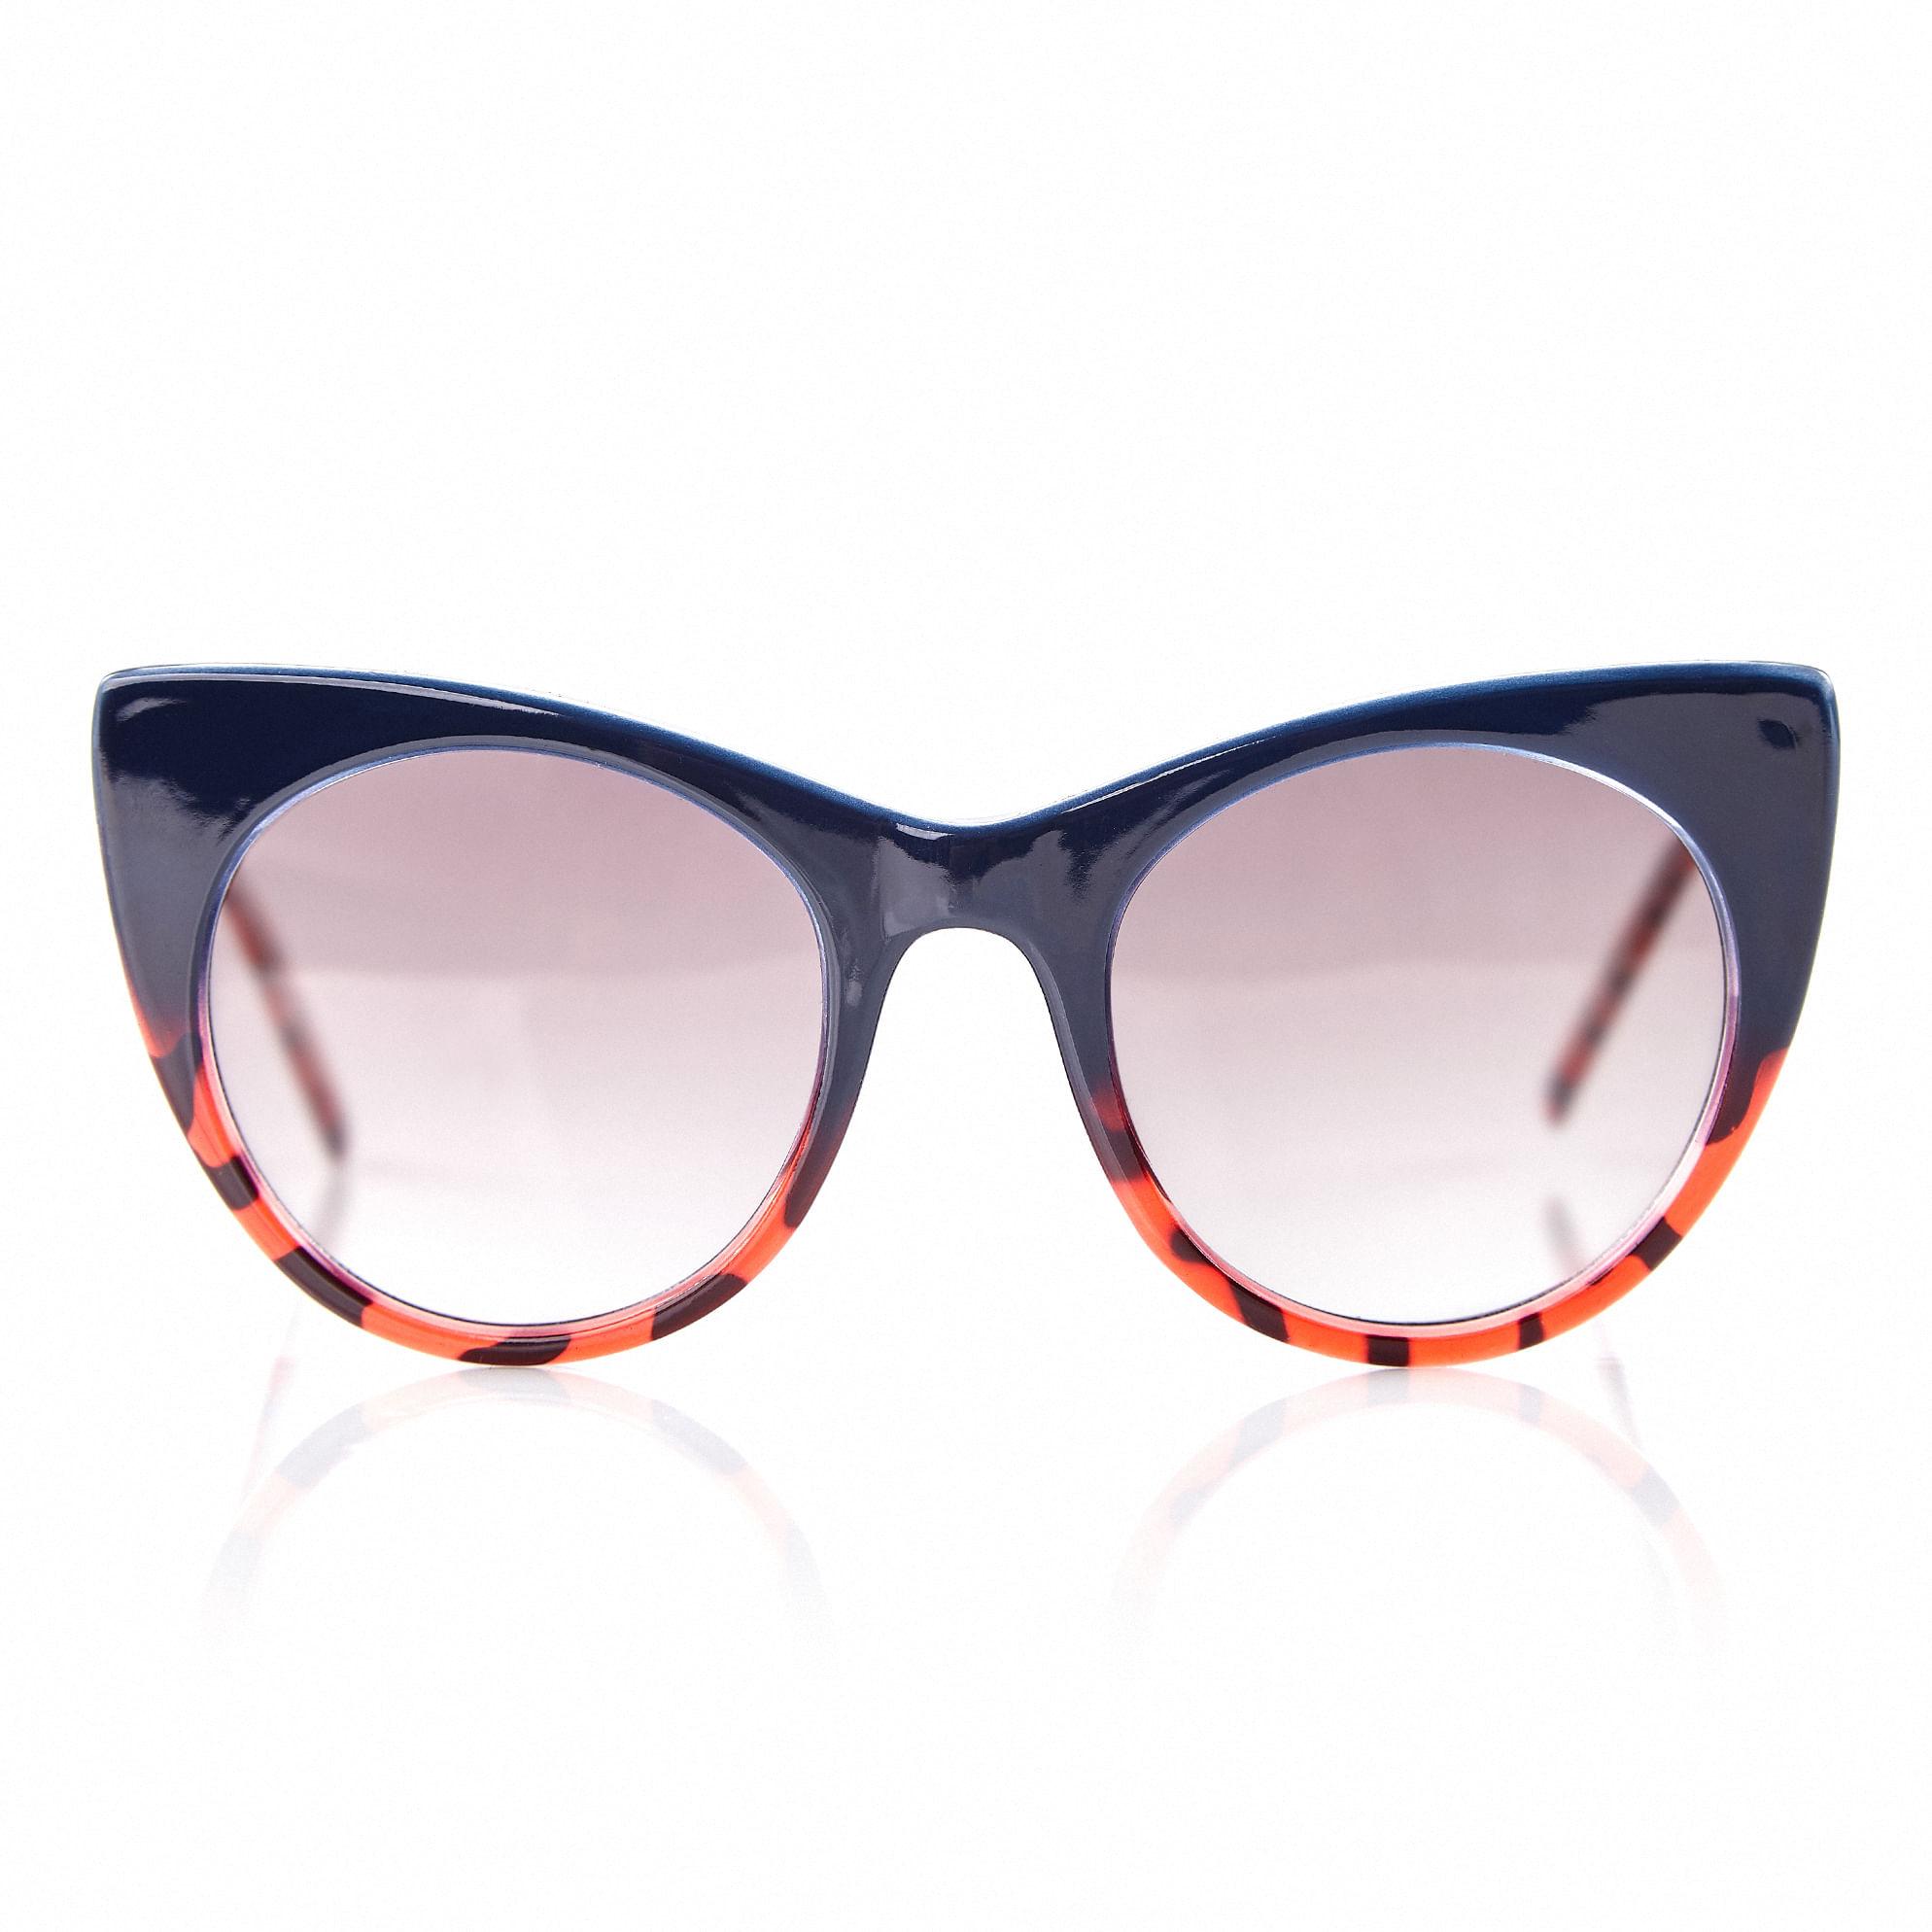 b562101cd0426 Oculos Gatinho Com Degrade Tartaruga Bordas Vermelho - morenarosa